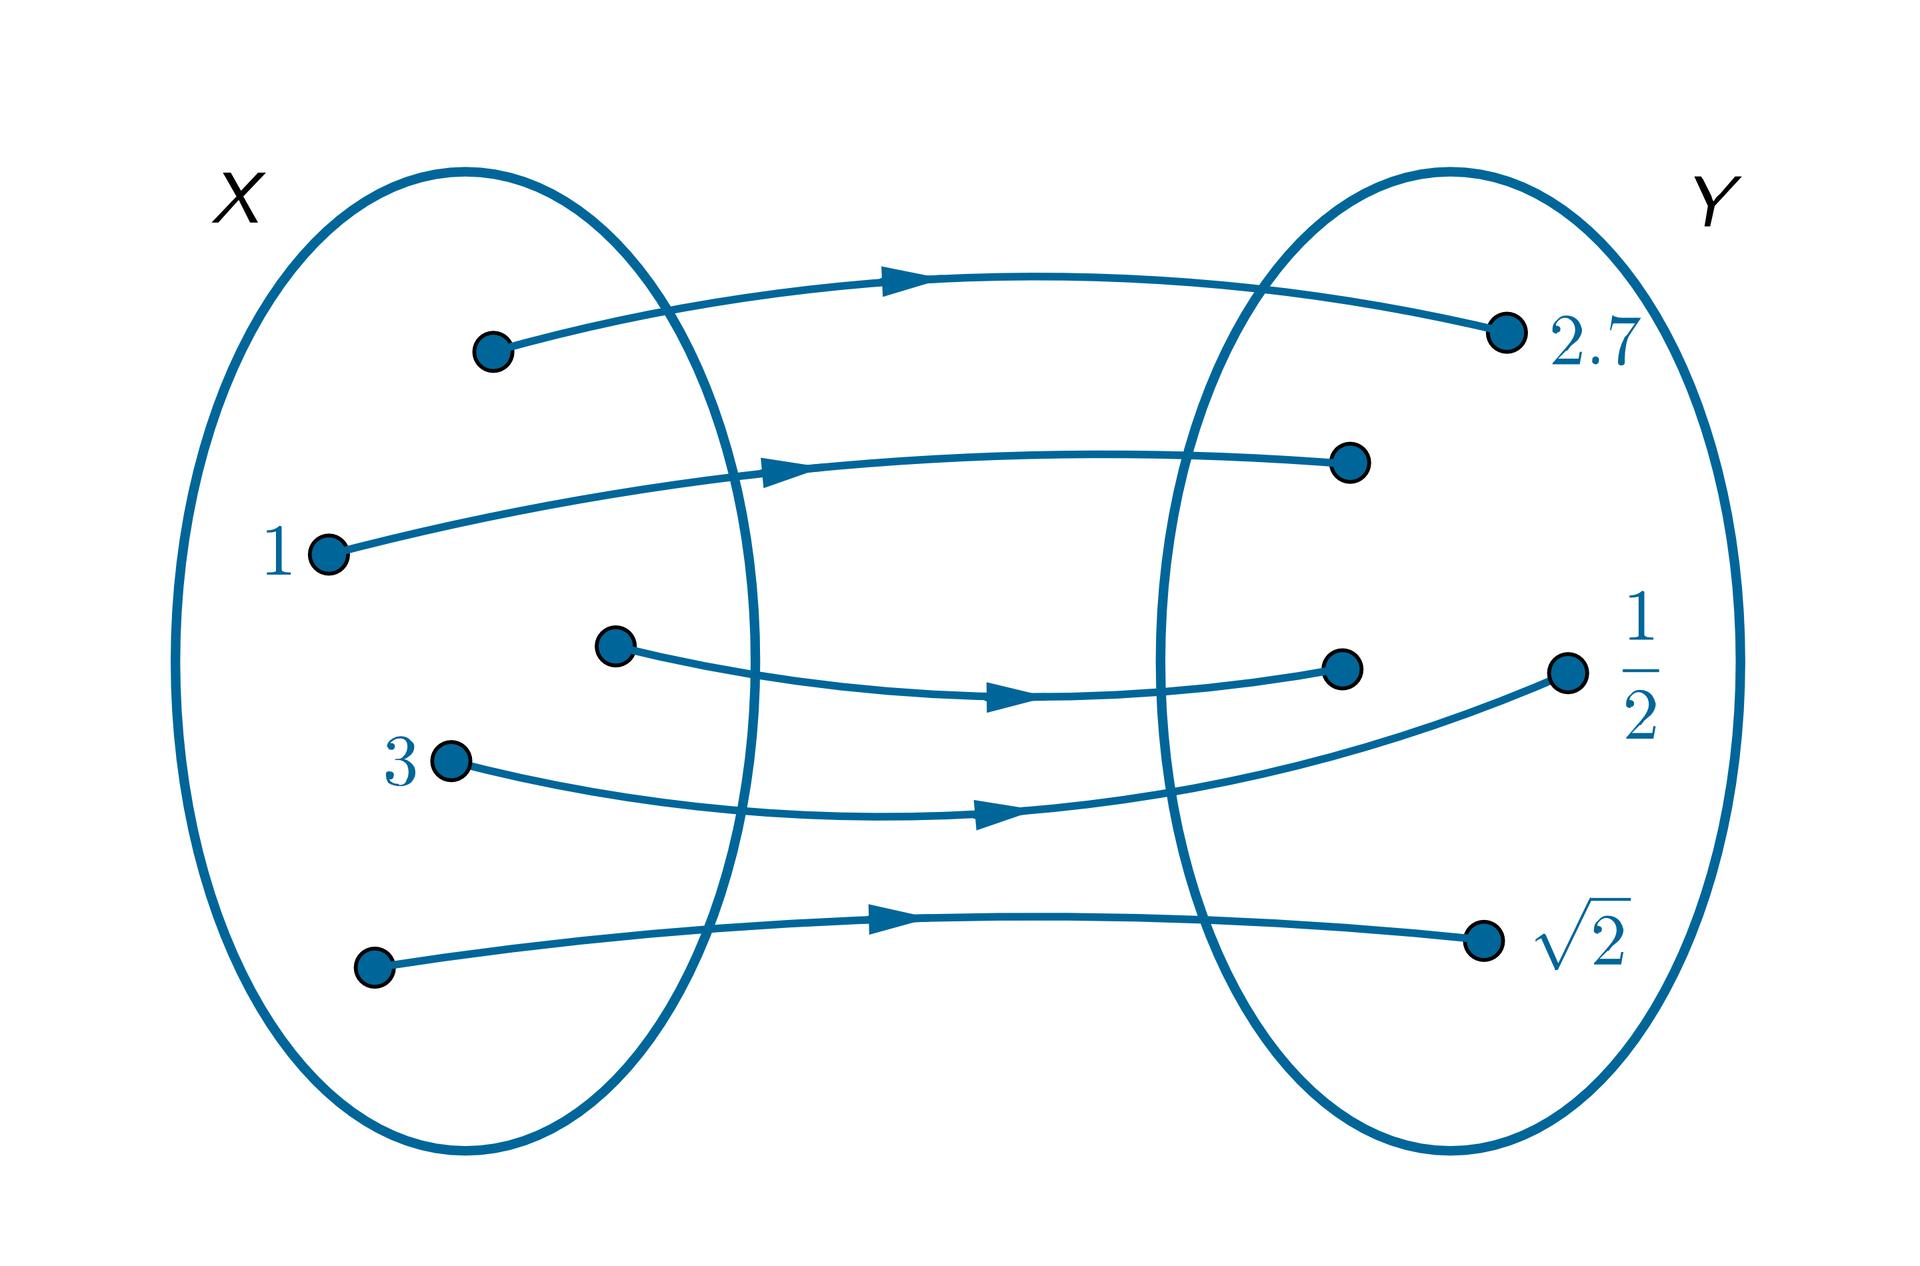 Graf pokazuje zbiór X={1, 3} oraz zbiór Y={2 isiedem dziesiątych, jedna druga, pierwiastek zdwóch}. Argumentowi 3 przyporządkowano wartość jedna druga.